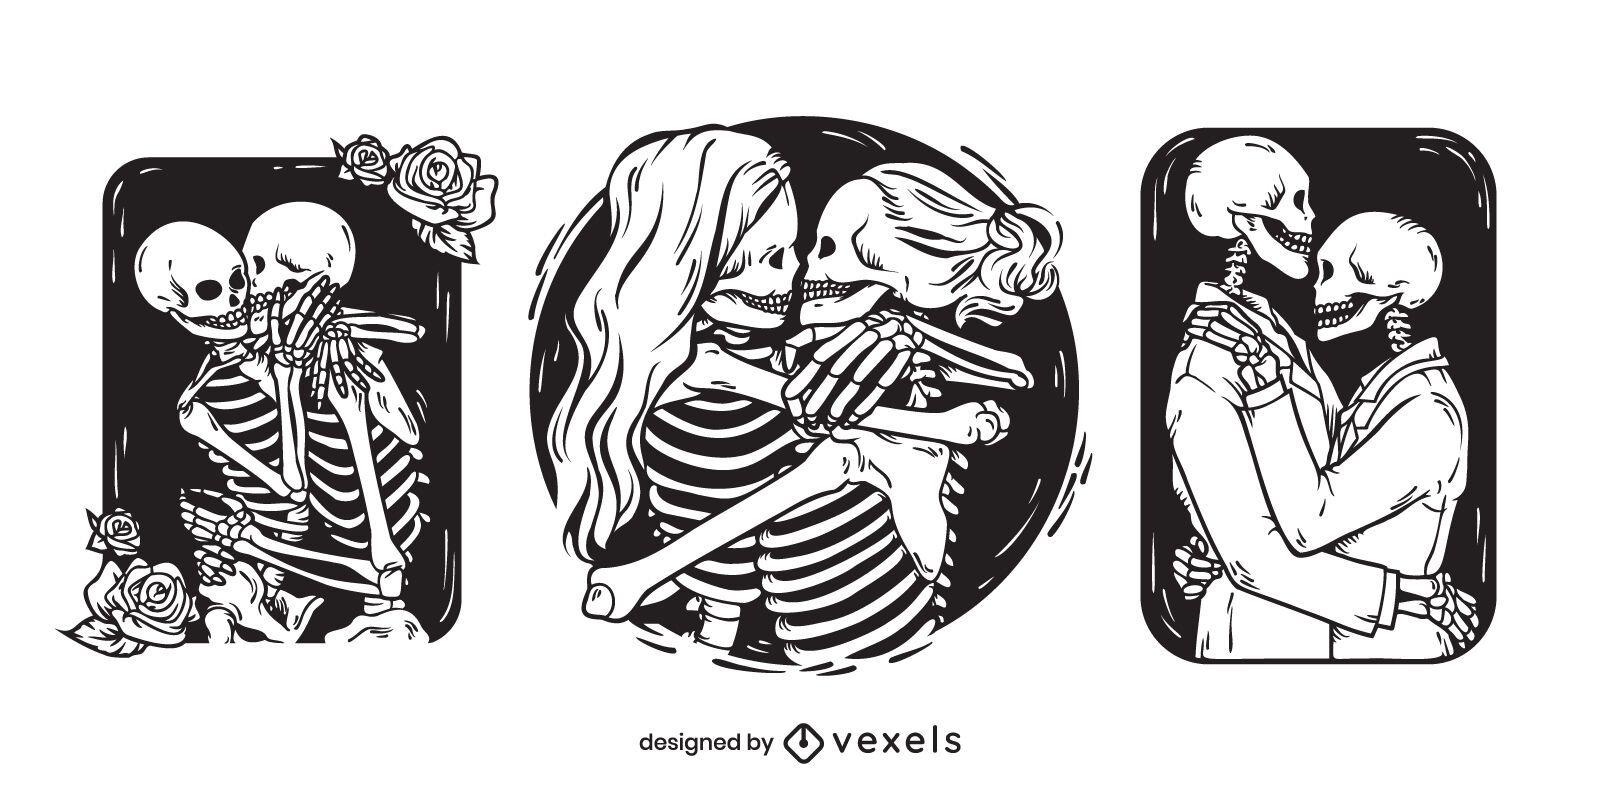 Skeletons couples illustration set